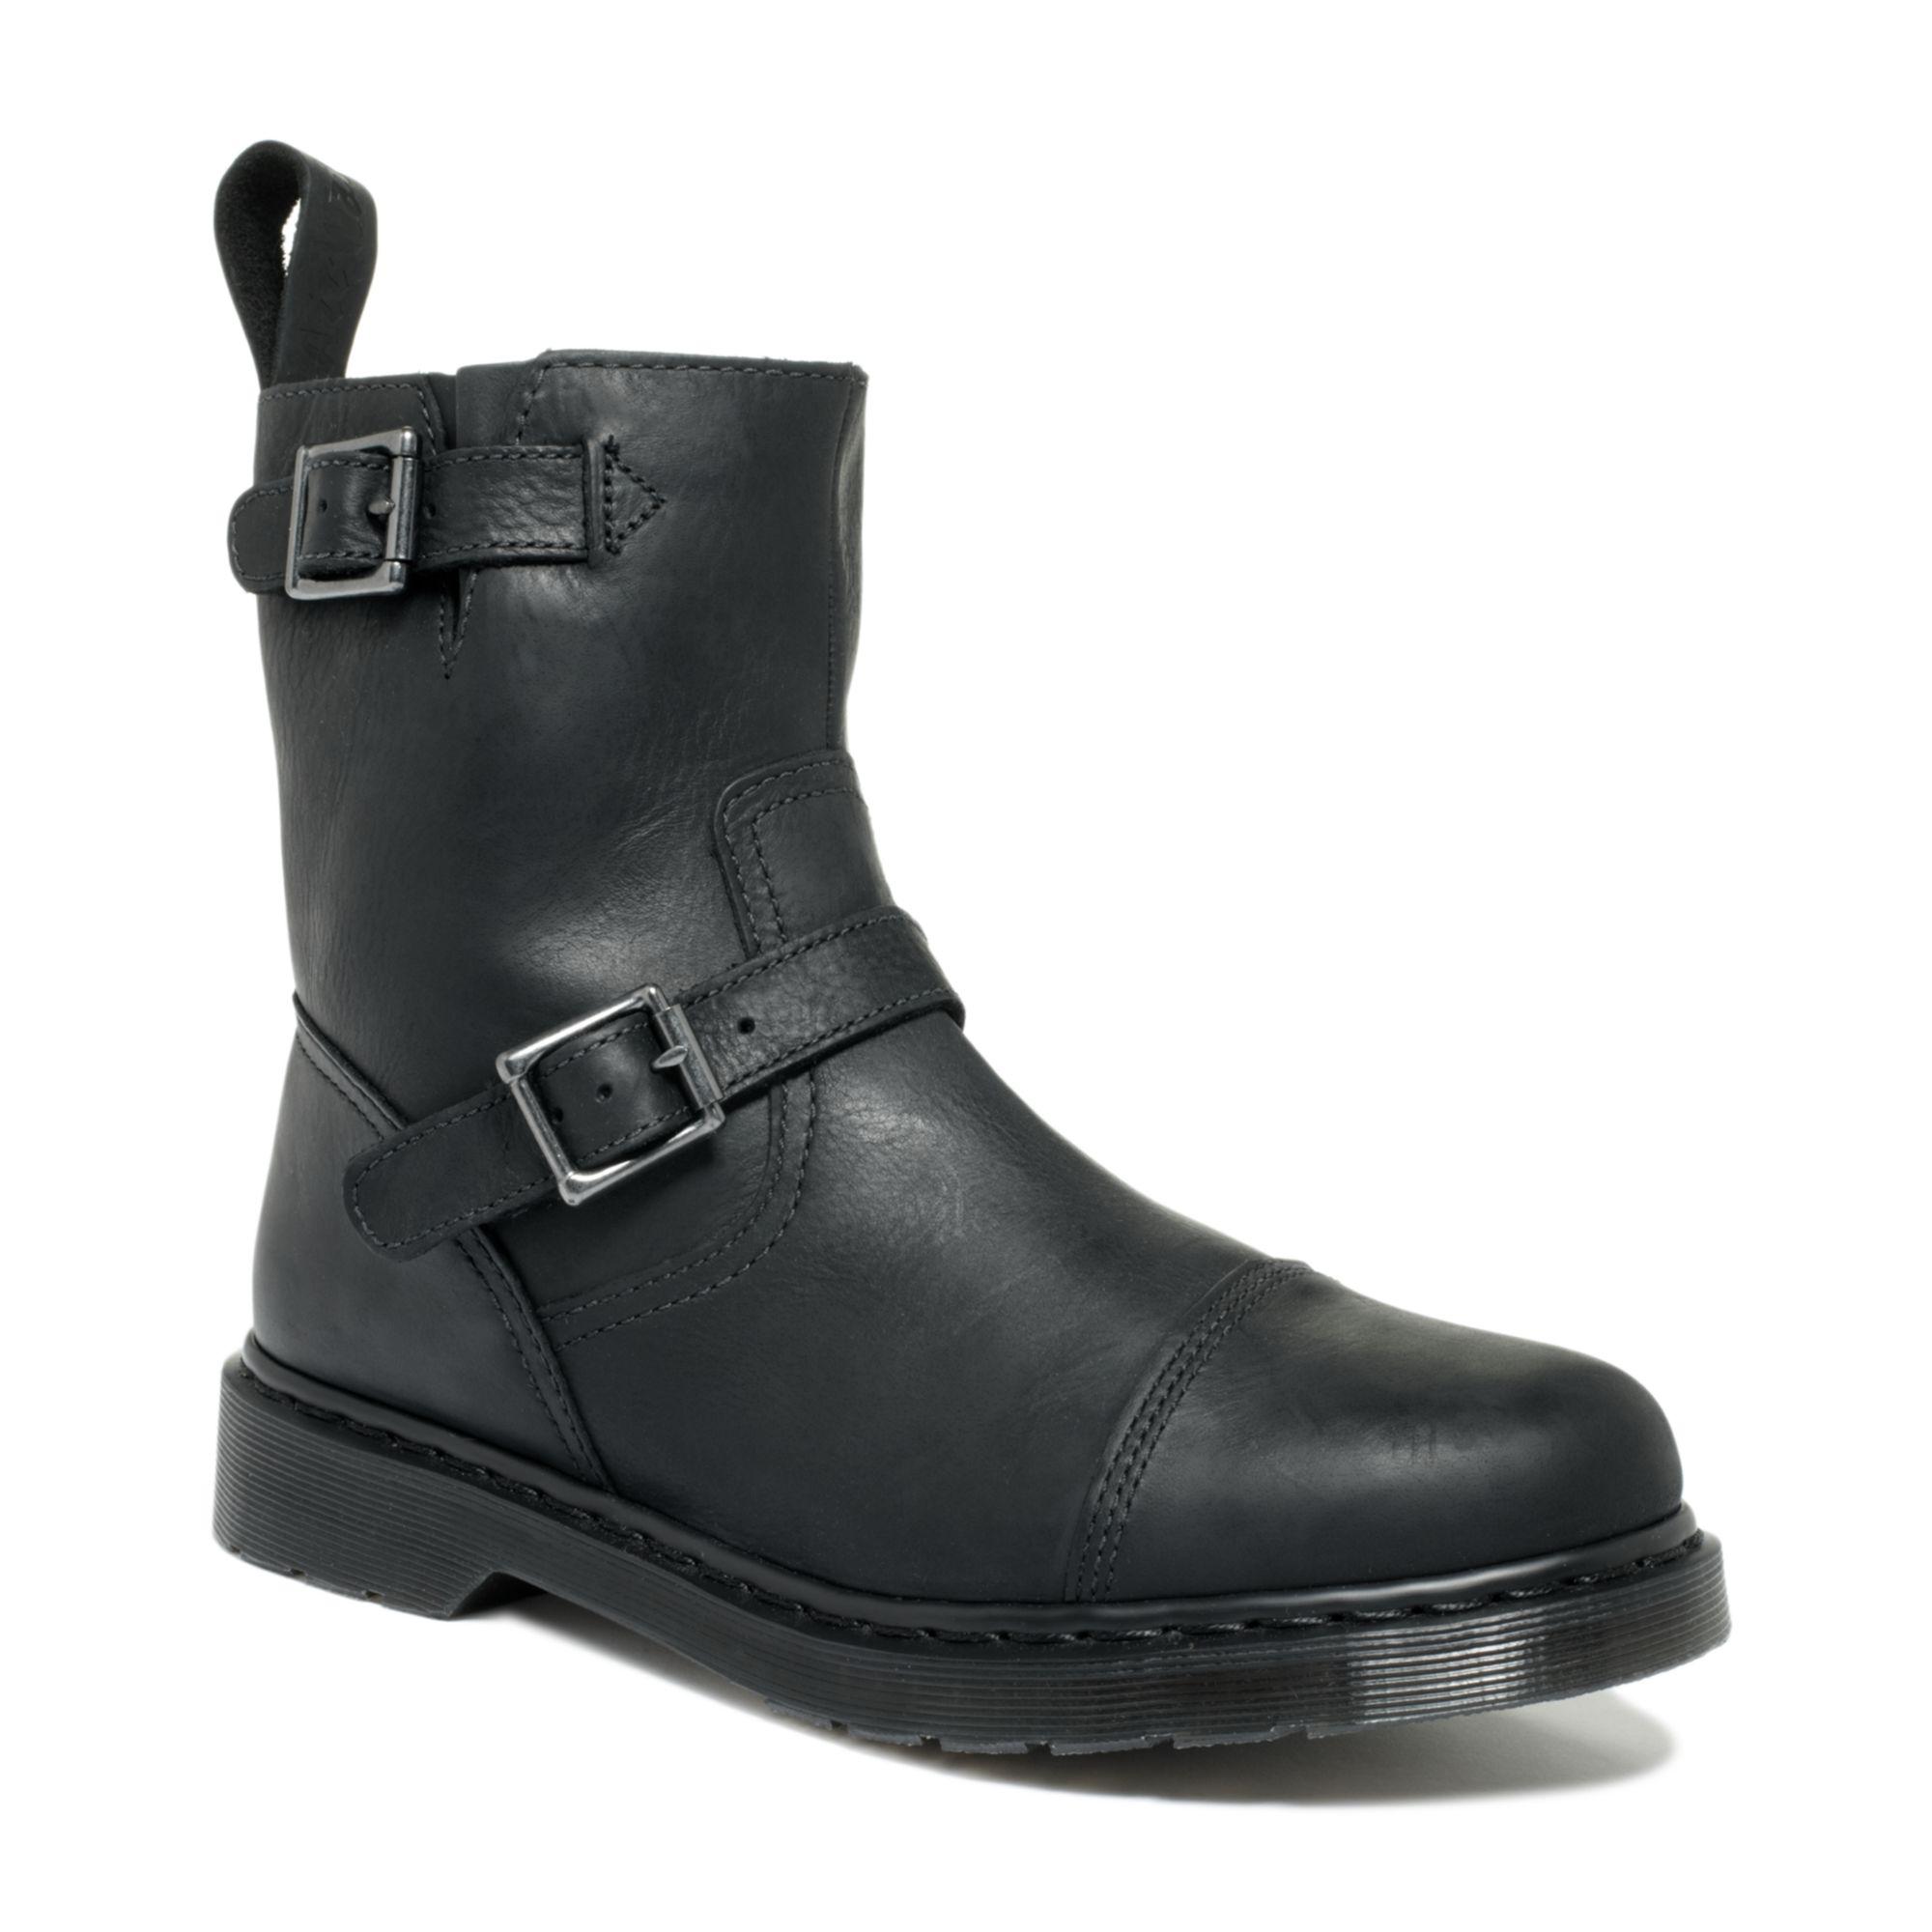 Dr. martens Asher Low Biker Boots in Black for Men